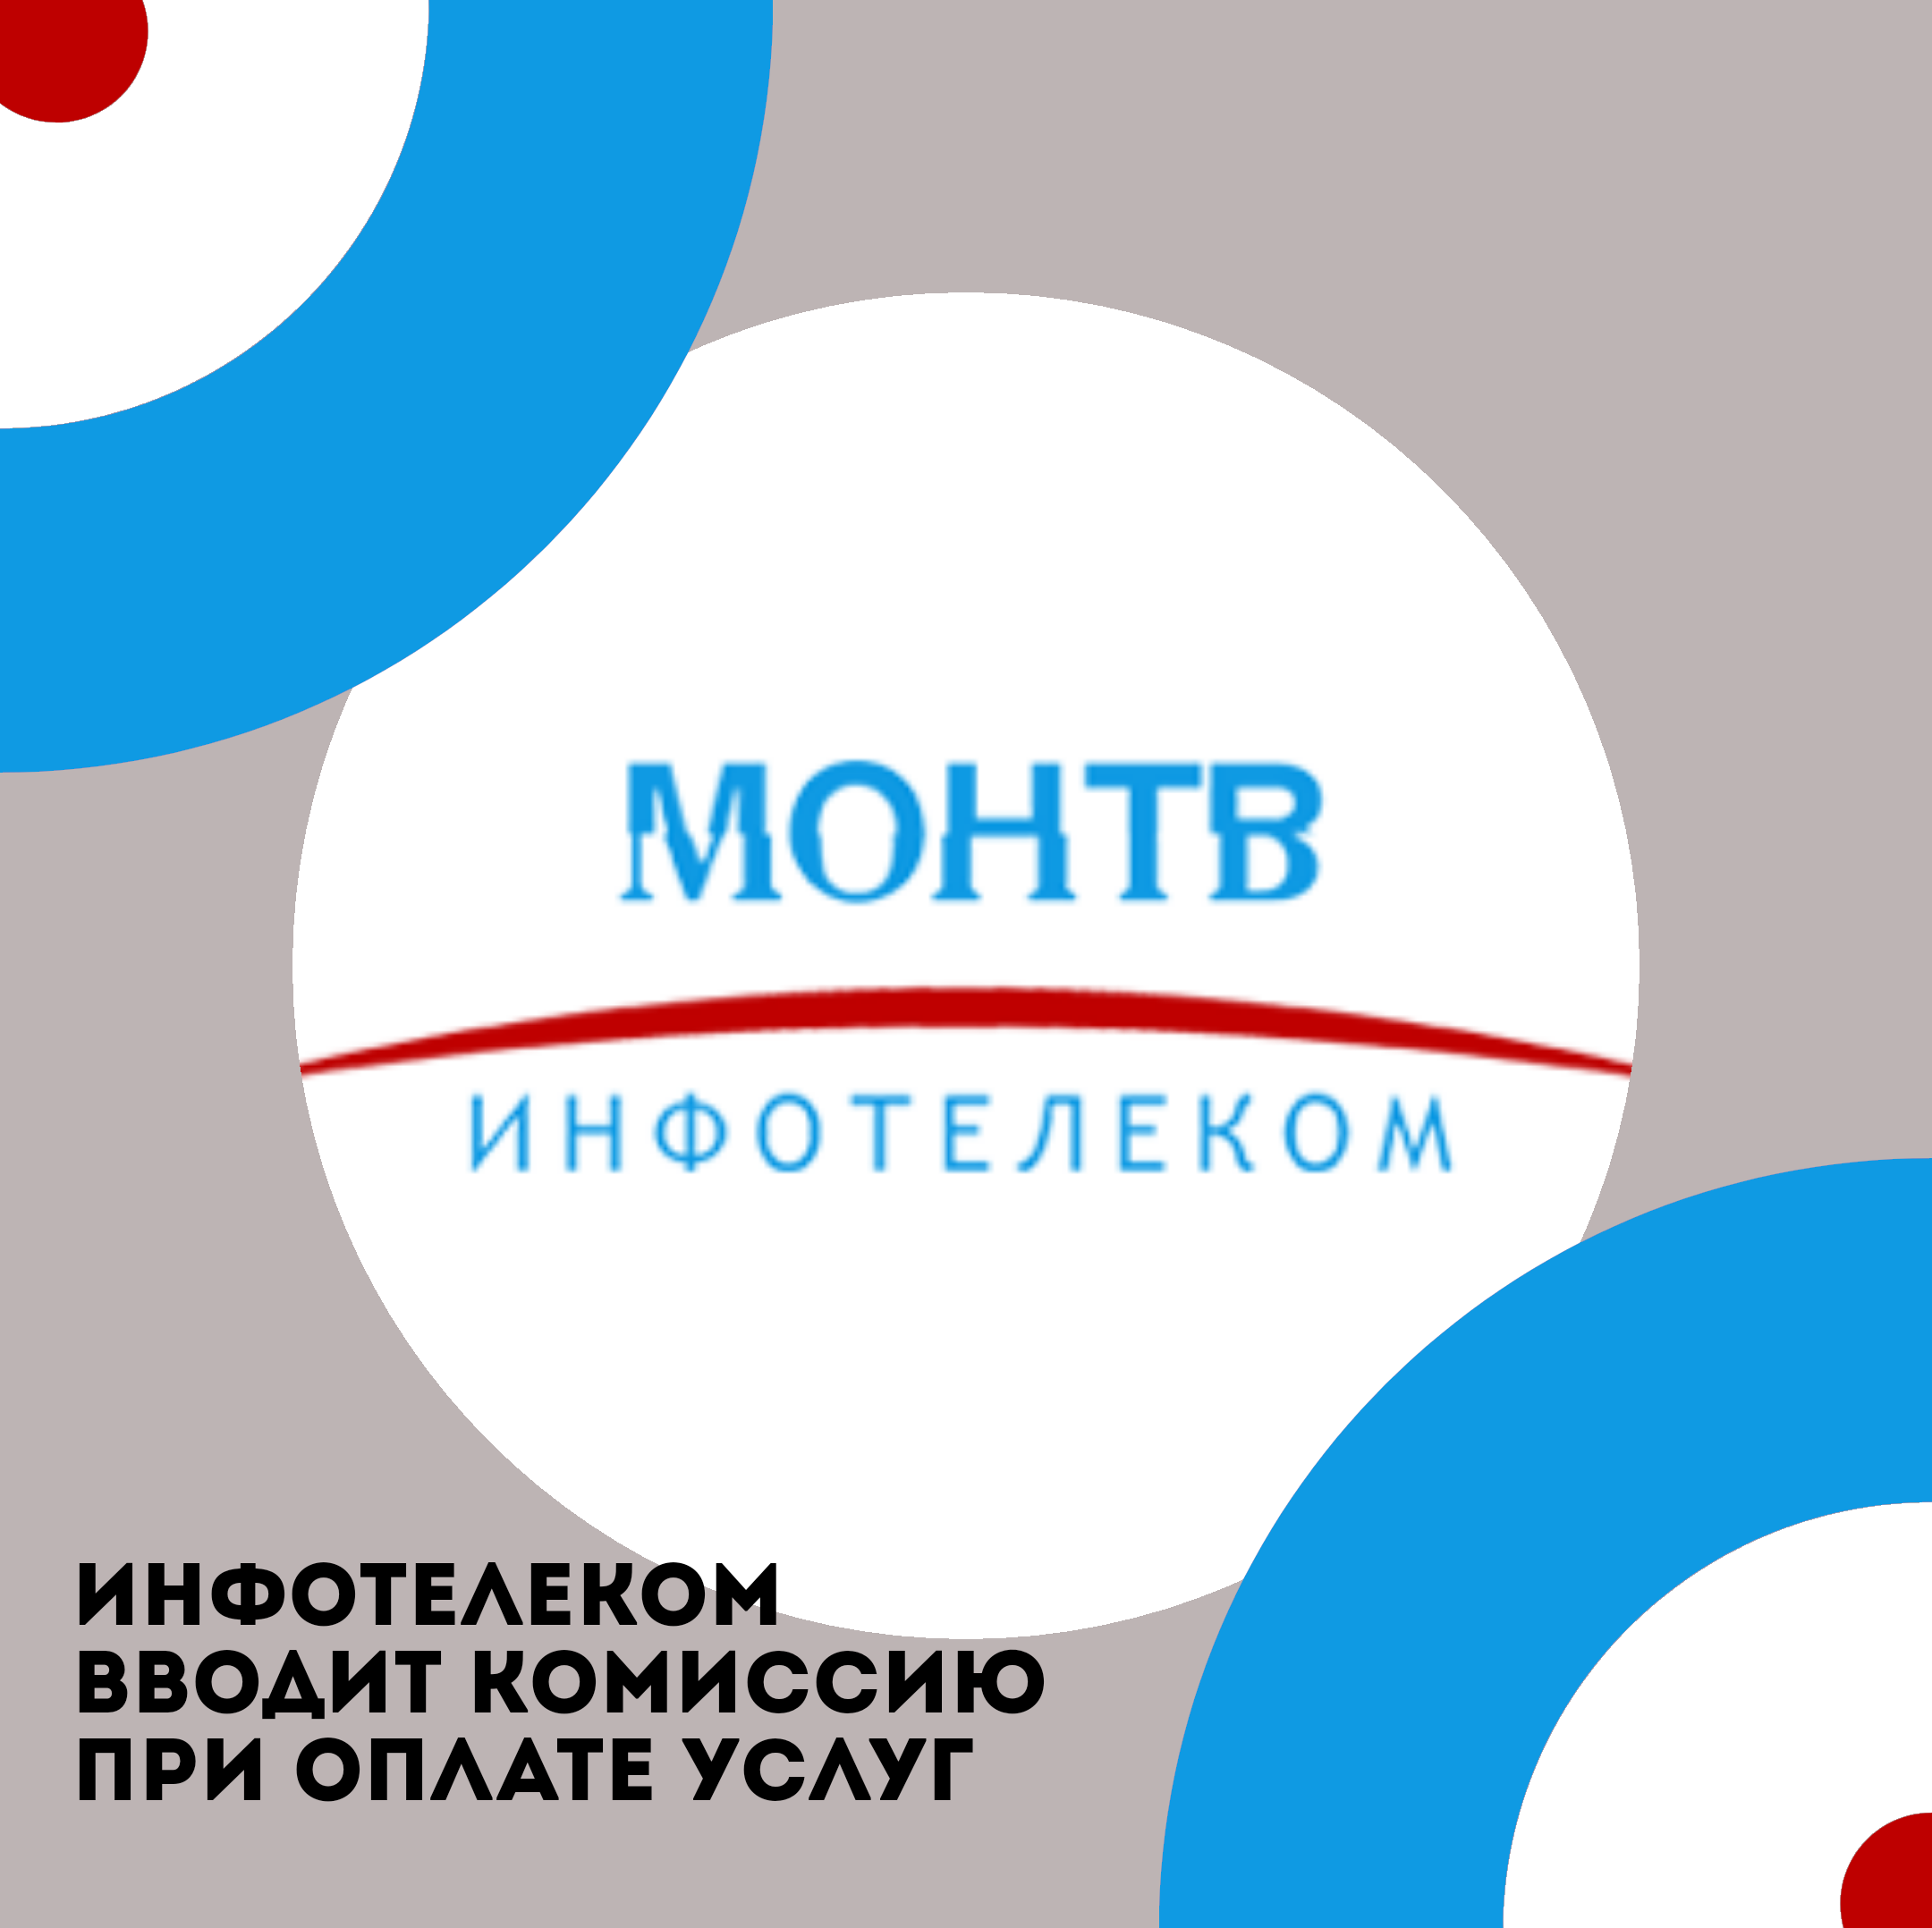 Инфотелеком (МОНТВ) г. Мончегорск вводит комиссию за оплату услуг 1